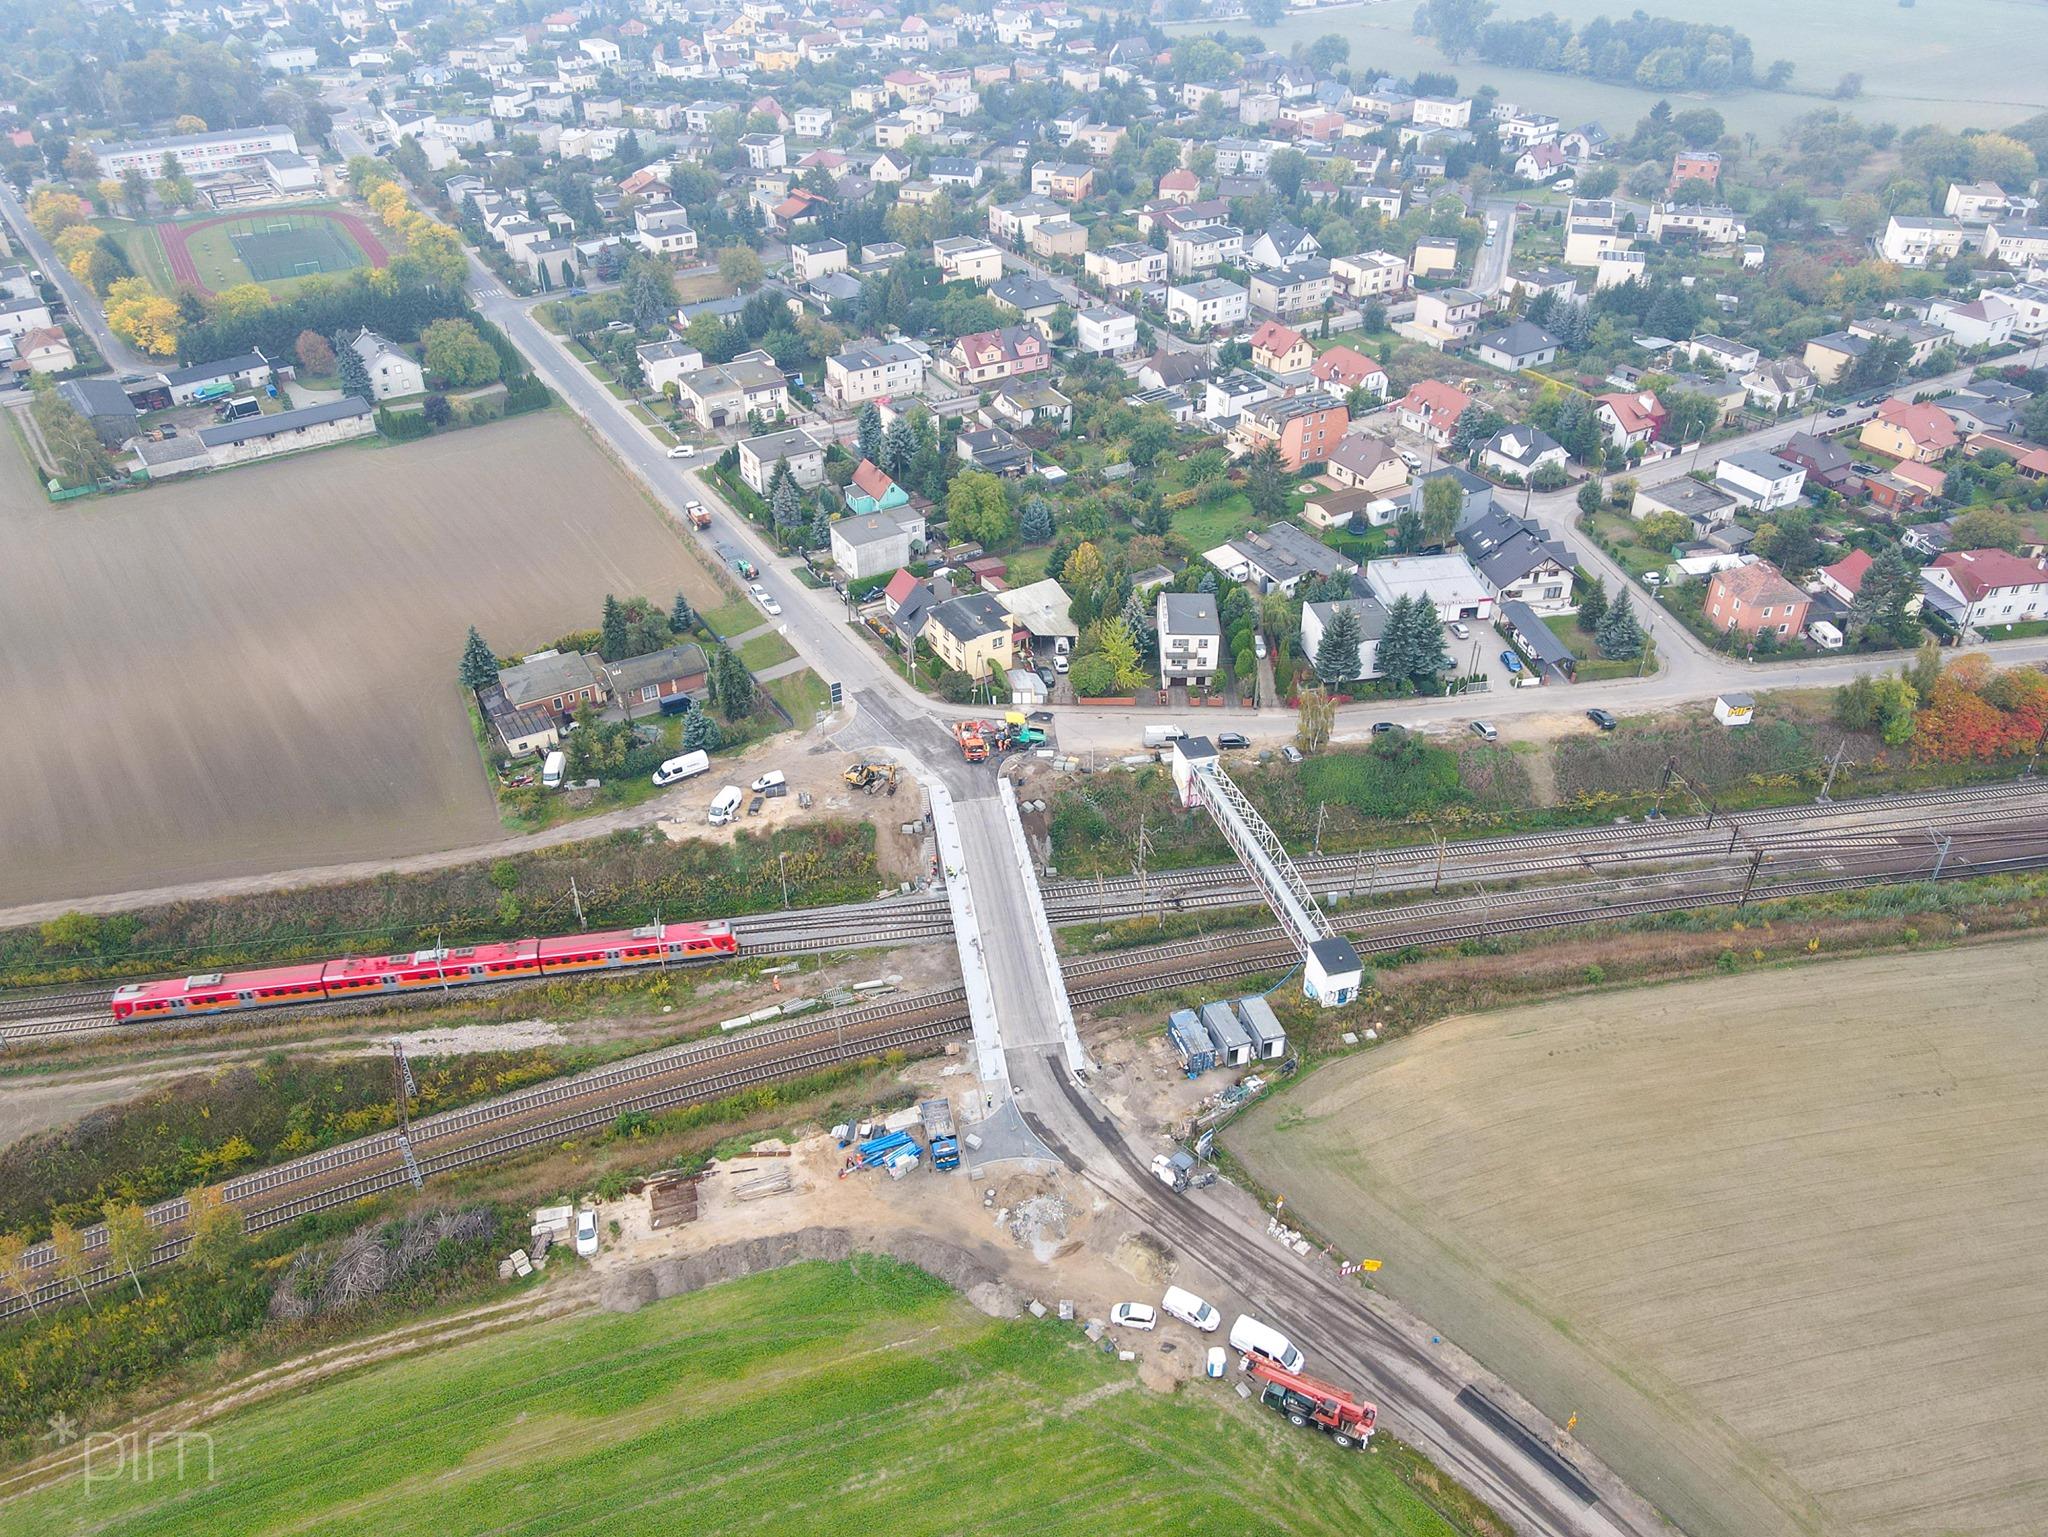 wiadukt gołężycka ulica golezycka otwarta wiadukt nad torami starołęka minikowo